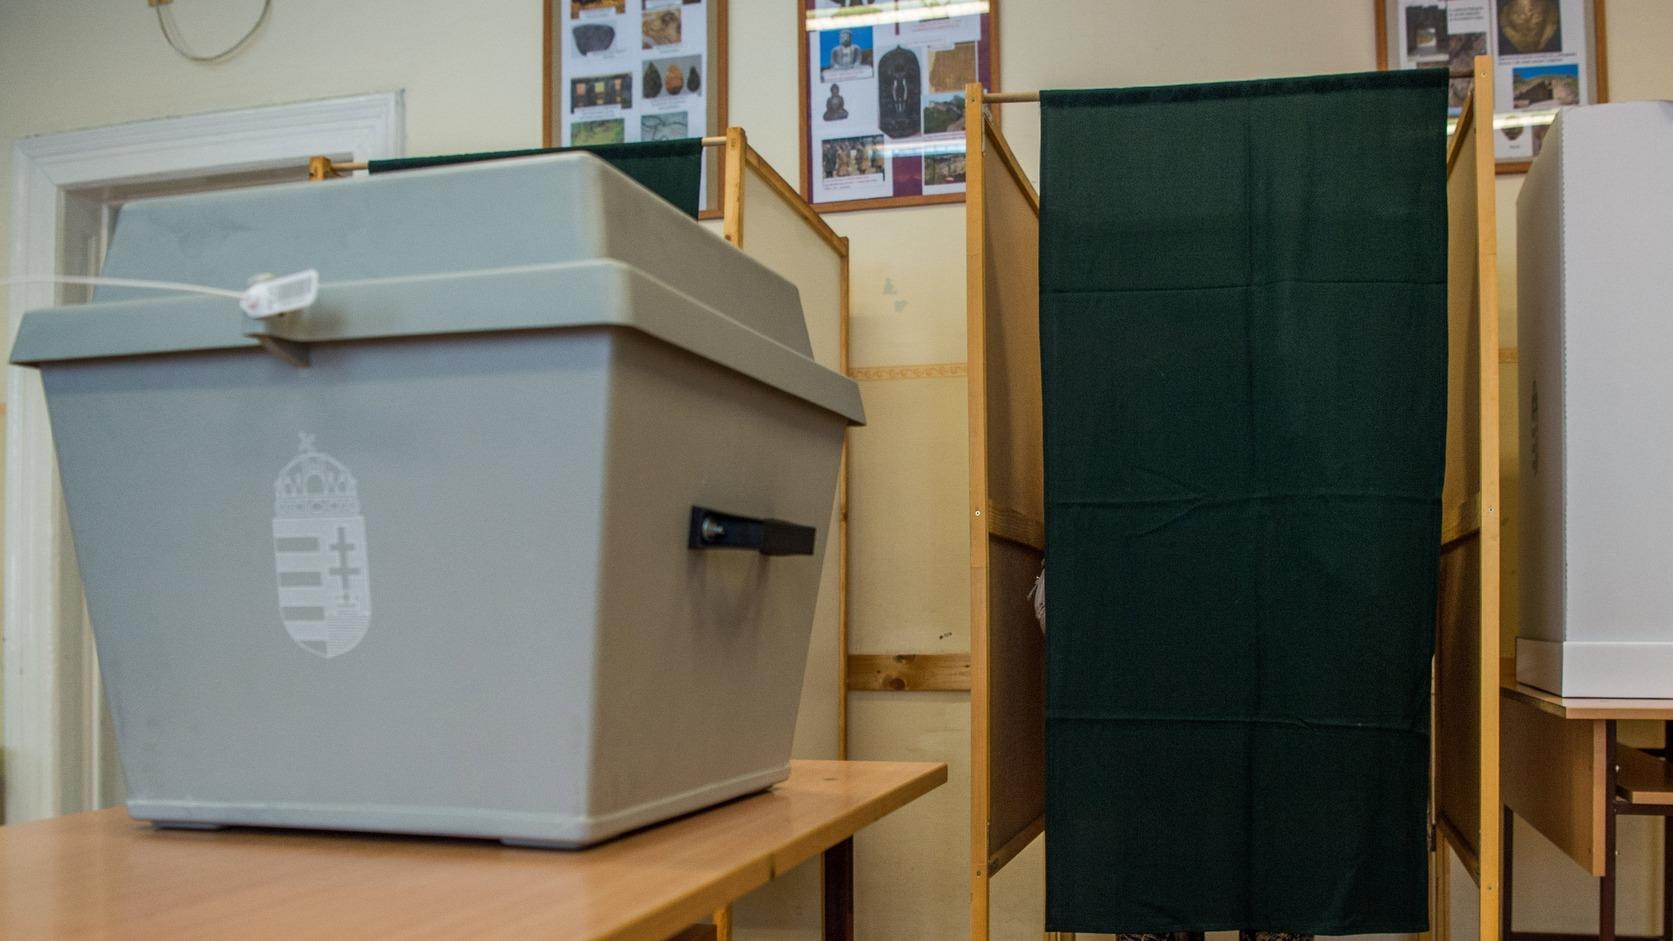 Még három napig jelentkezhetnek az átjelentkezéssel szavazók